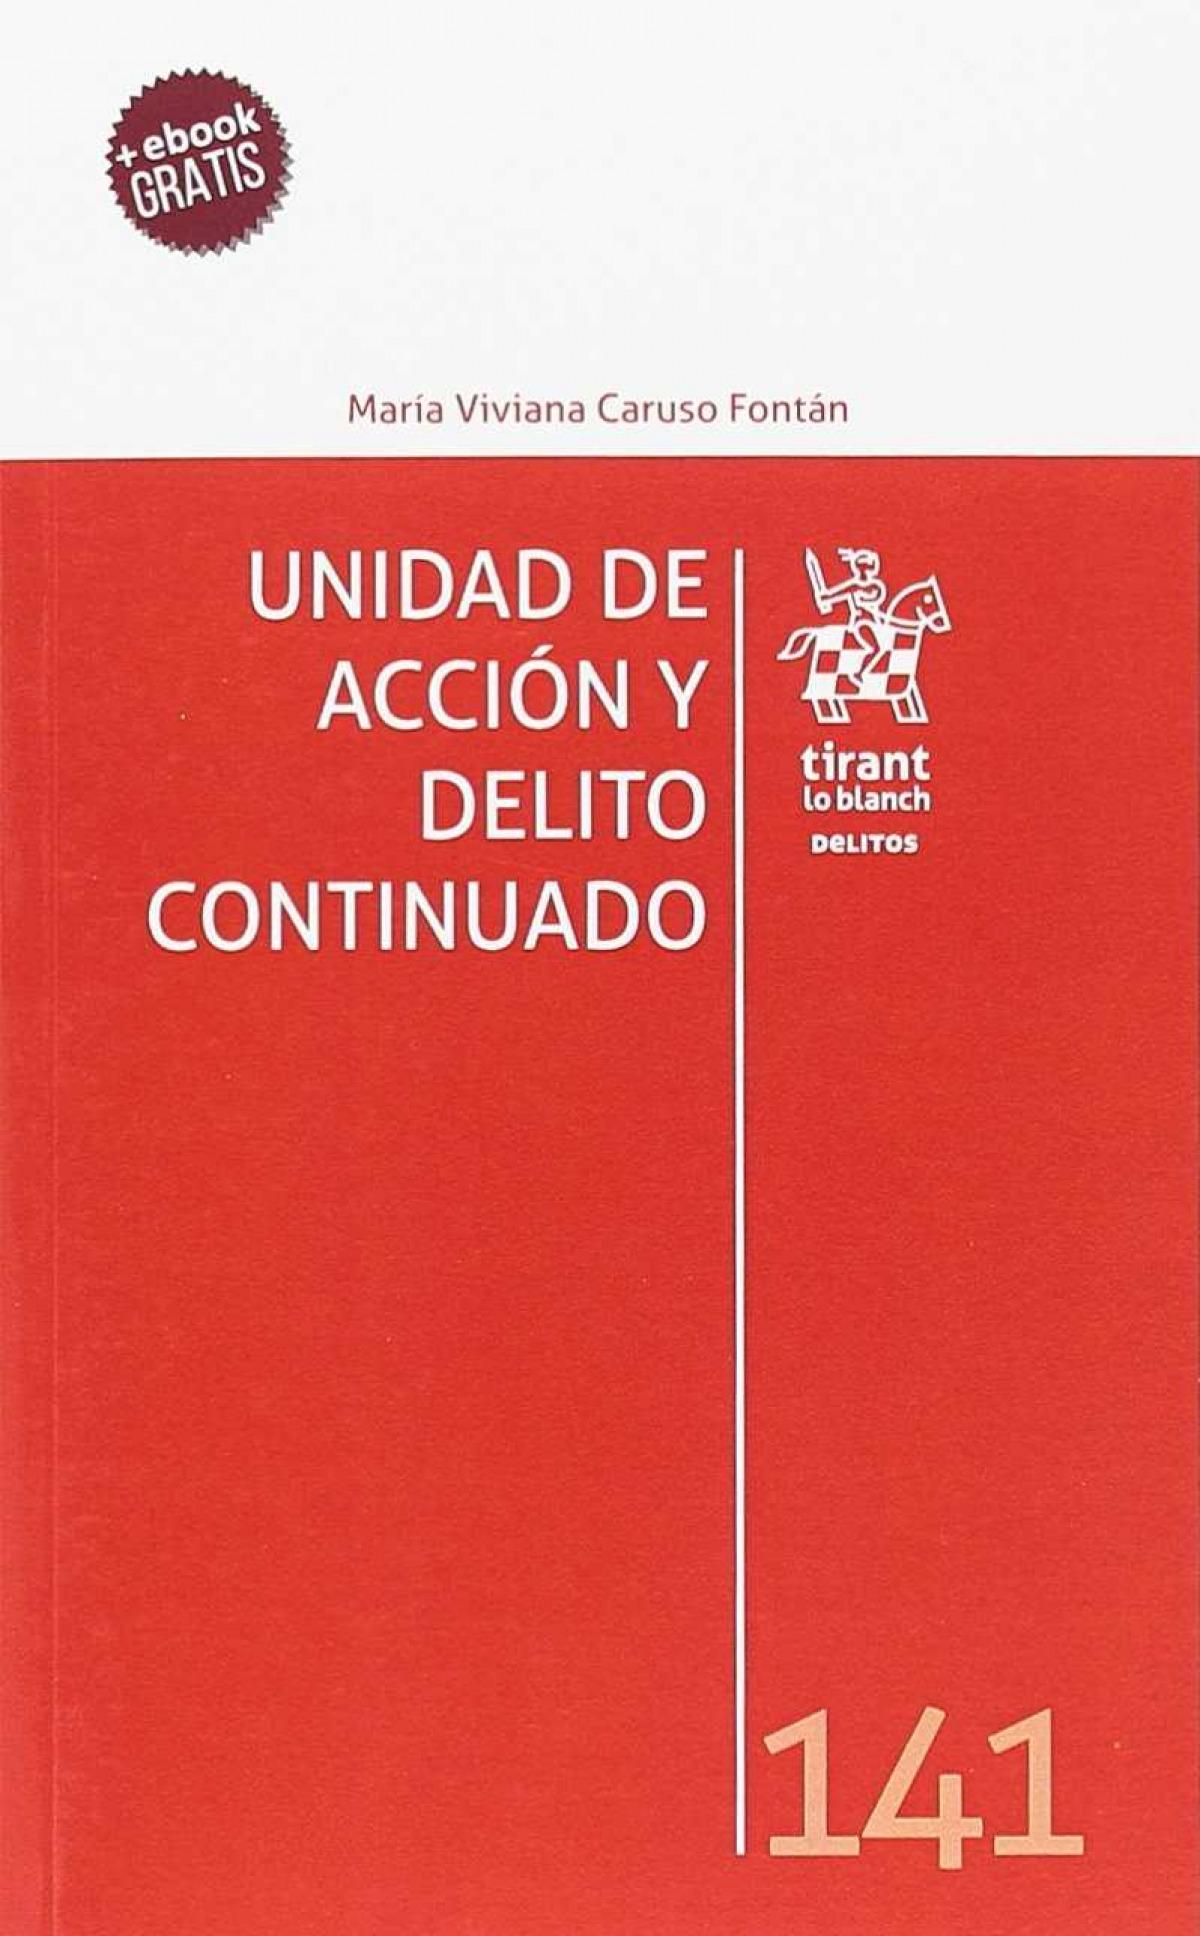 UNIDAD DE ACCIÓN Y DELITO CONTINUADO 9788491690597